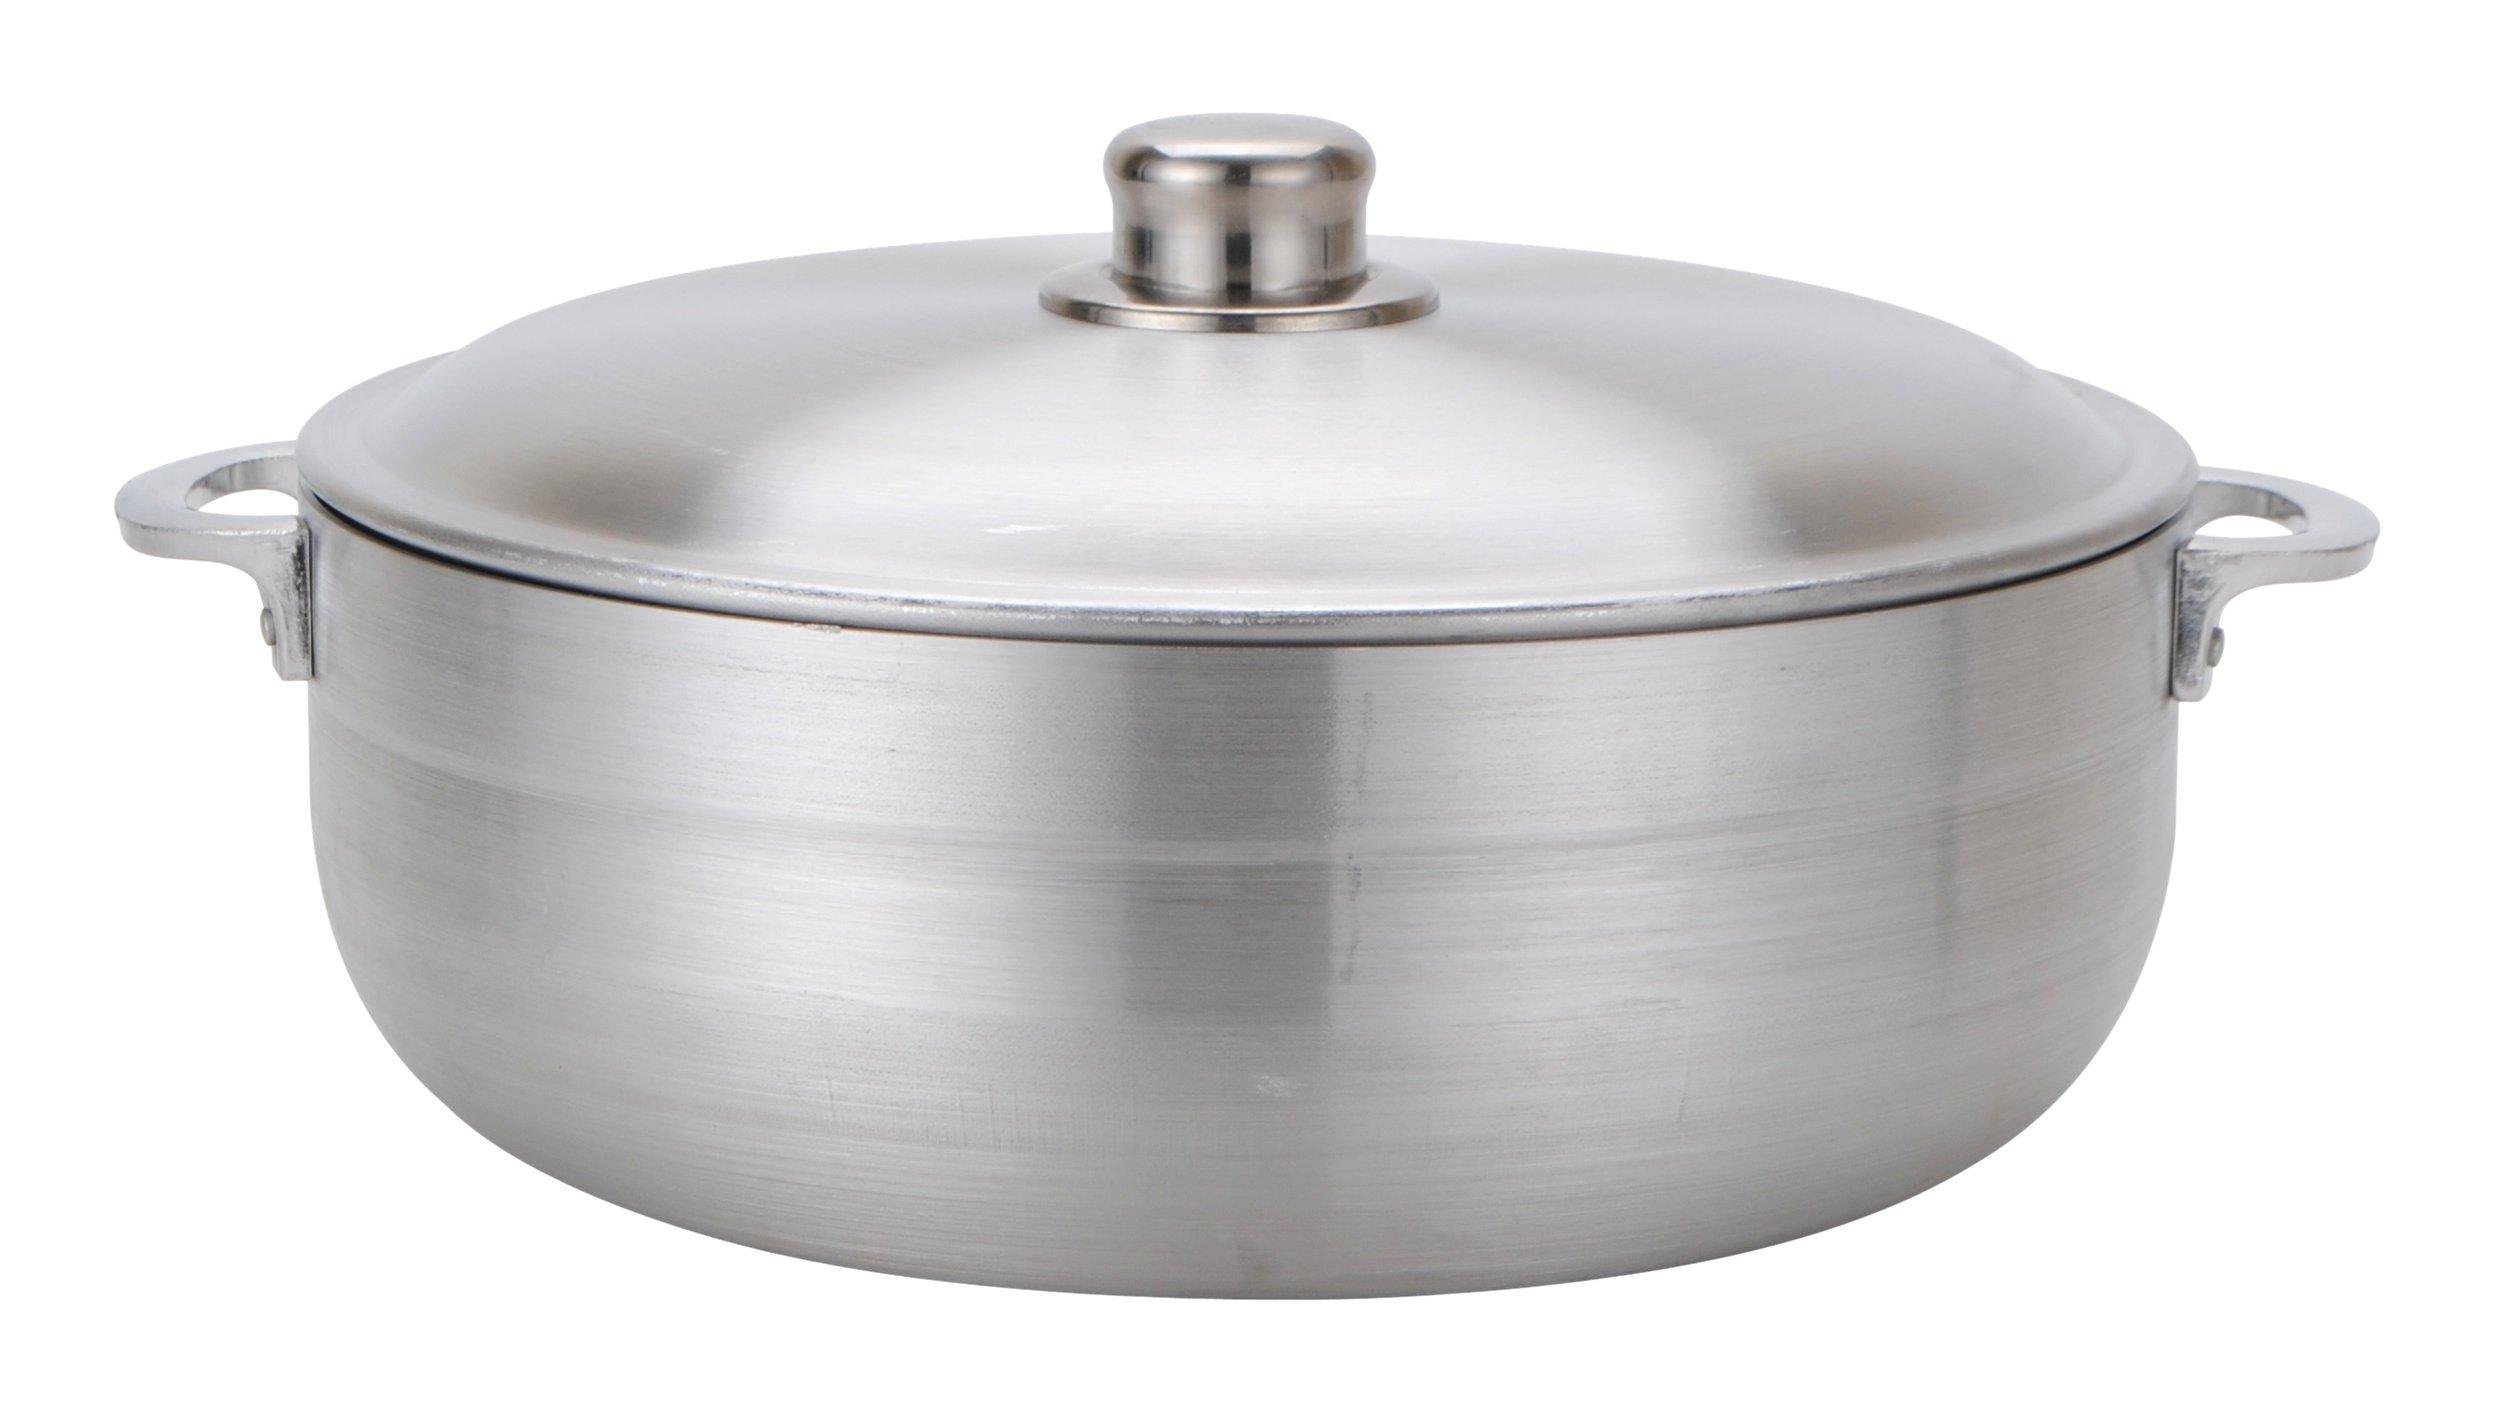 Aramco Alpine Gourmet Aluminum Caldero, 7 quart, Silver by Aramco (Image #1)